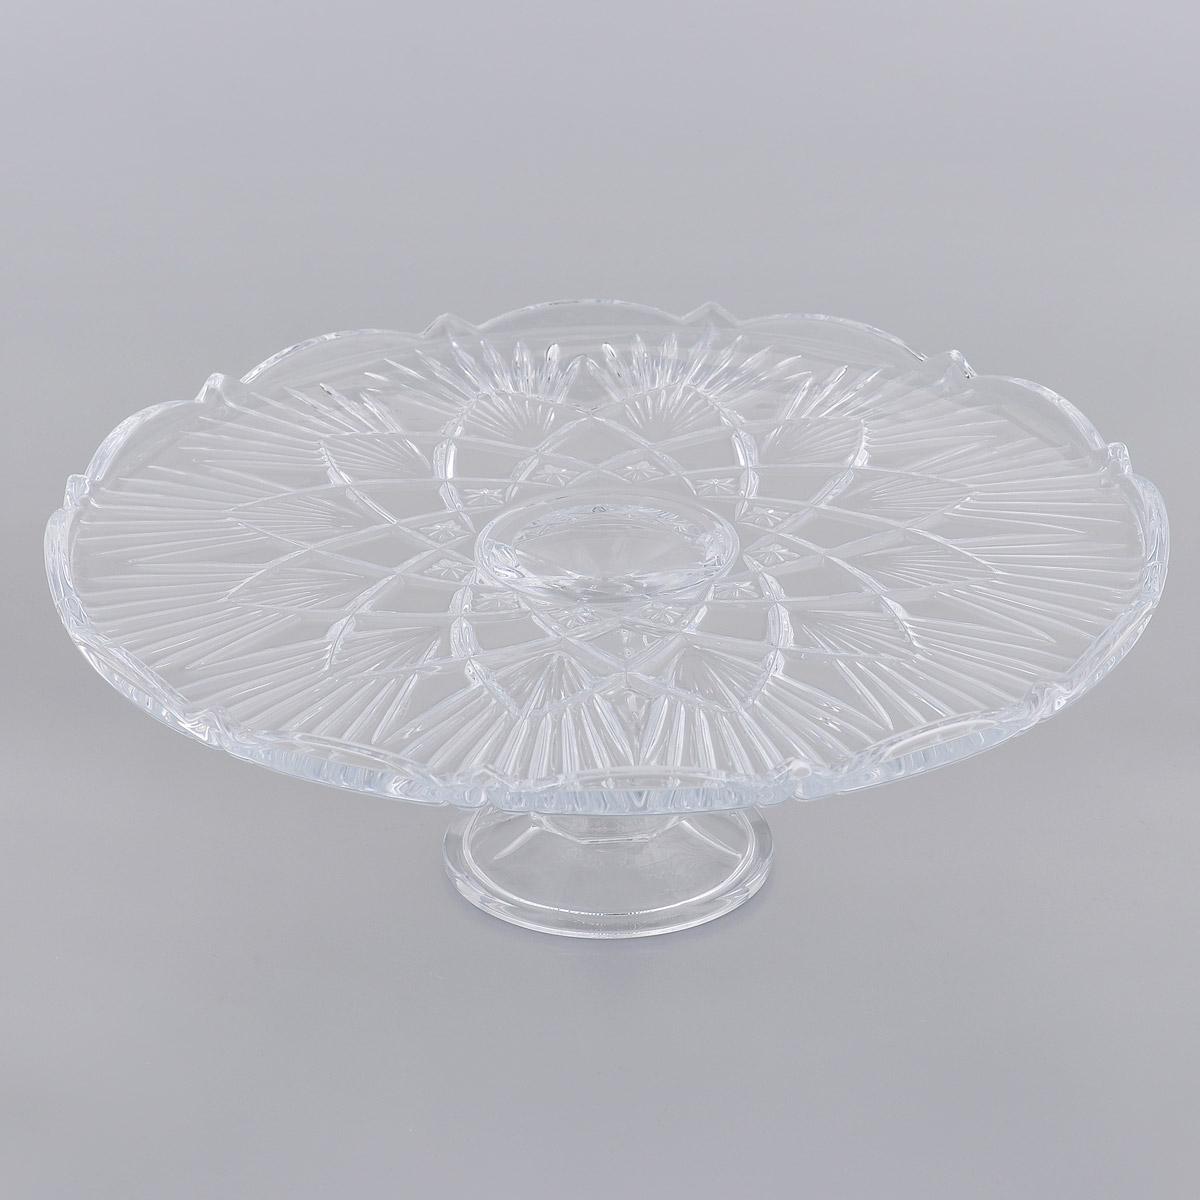 Тортовница Crystalite Bohemia Лира, диаметр 30,5 см69003/0/99002/310Тортовница Crystalite Bohemia Лира изготовлена из прочного утолщенного стекла кристалайт. Тортовниуа имеет круглую форму и оформлена рельефом, что делает его изящным украшением праздничного стола. Изделие красиво переливается и излучает приятный блеск. Прекрасно подходит для подачи тортов и пирогов.Тортовница Crystalite Bohemia Лира - это изысканное украшение праздничного стола, которое удивит вас и ваших гостей оригинальным дизайном и практичностью. Можно мыть в посудомоечной машине.